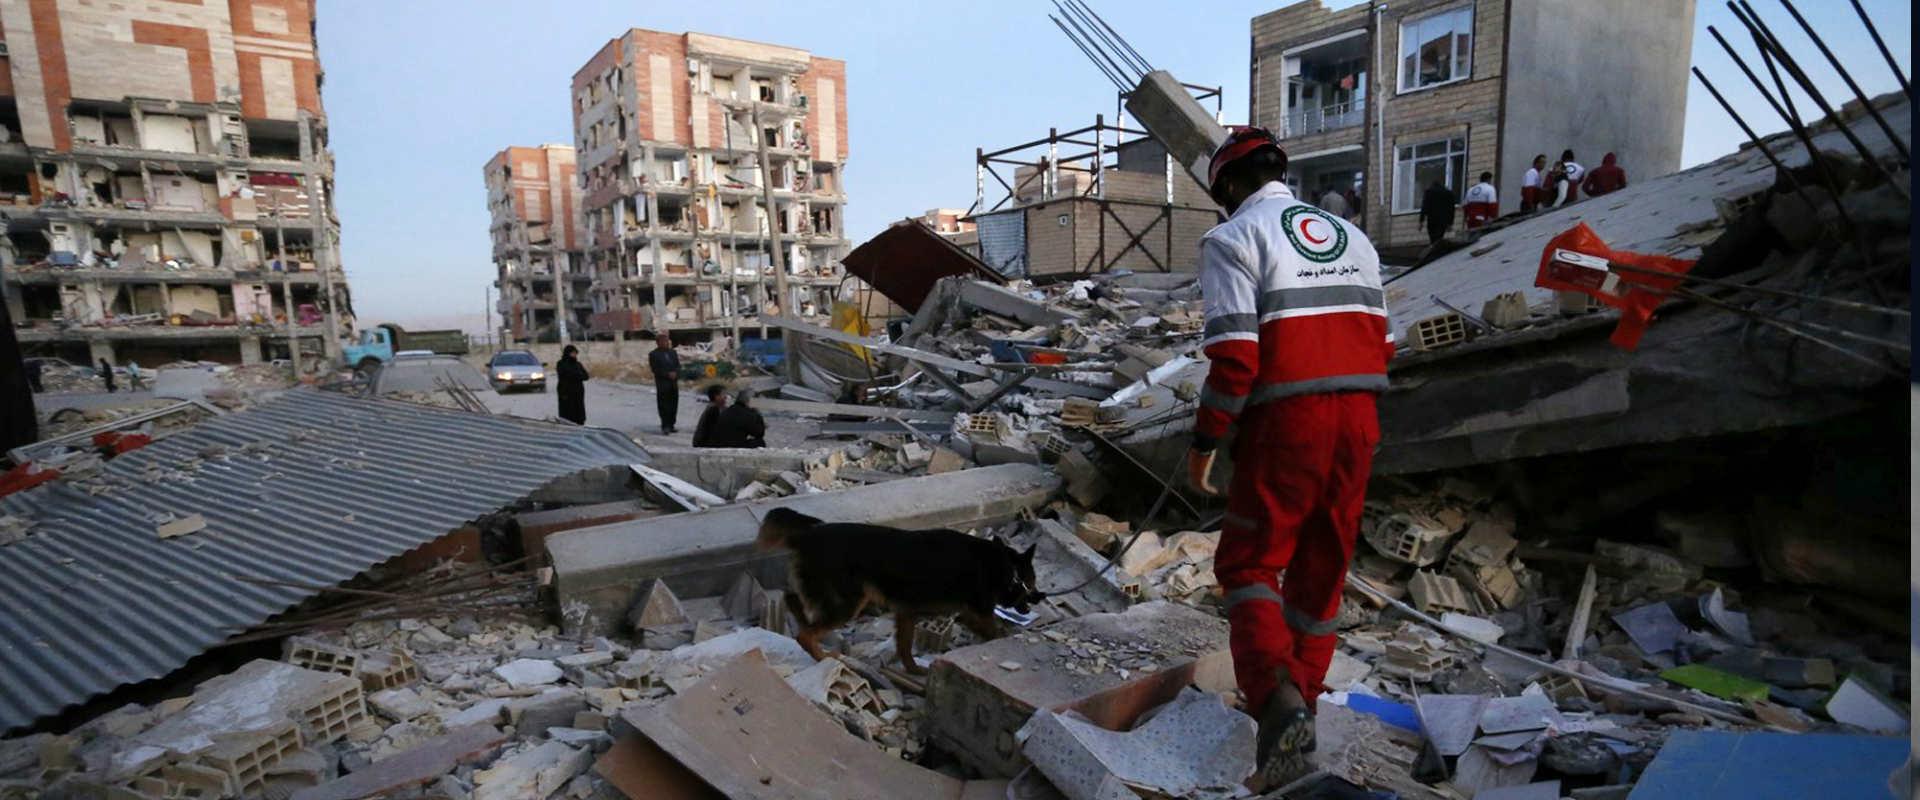 הריסות רעידת האדמה במערב איראן